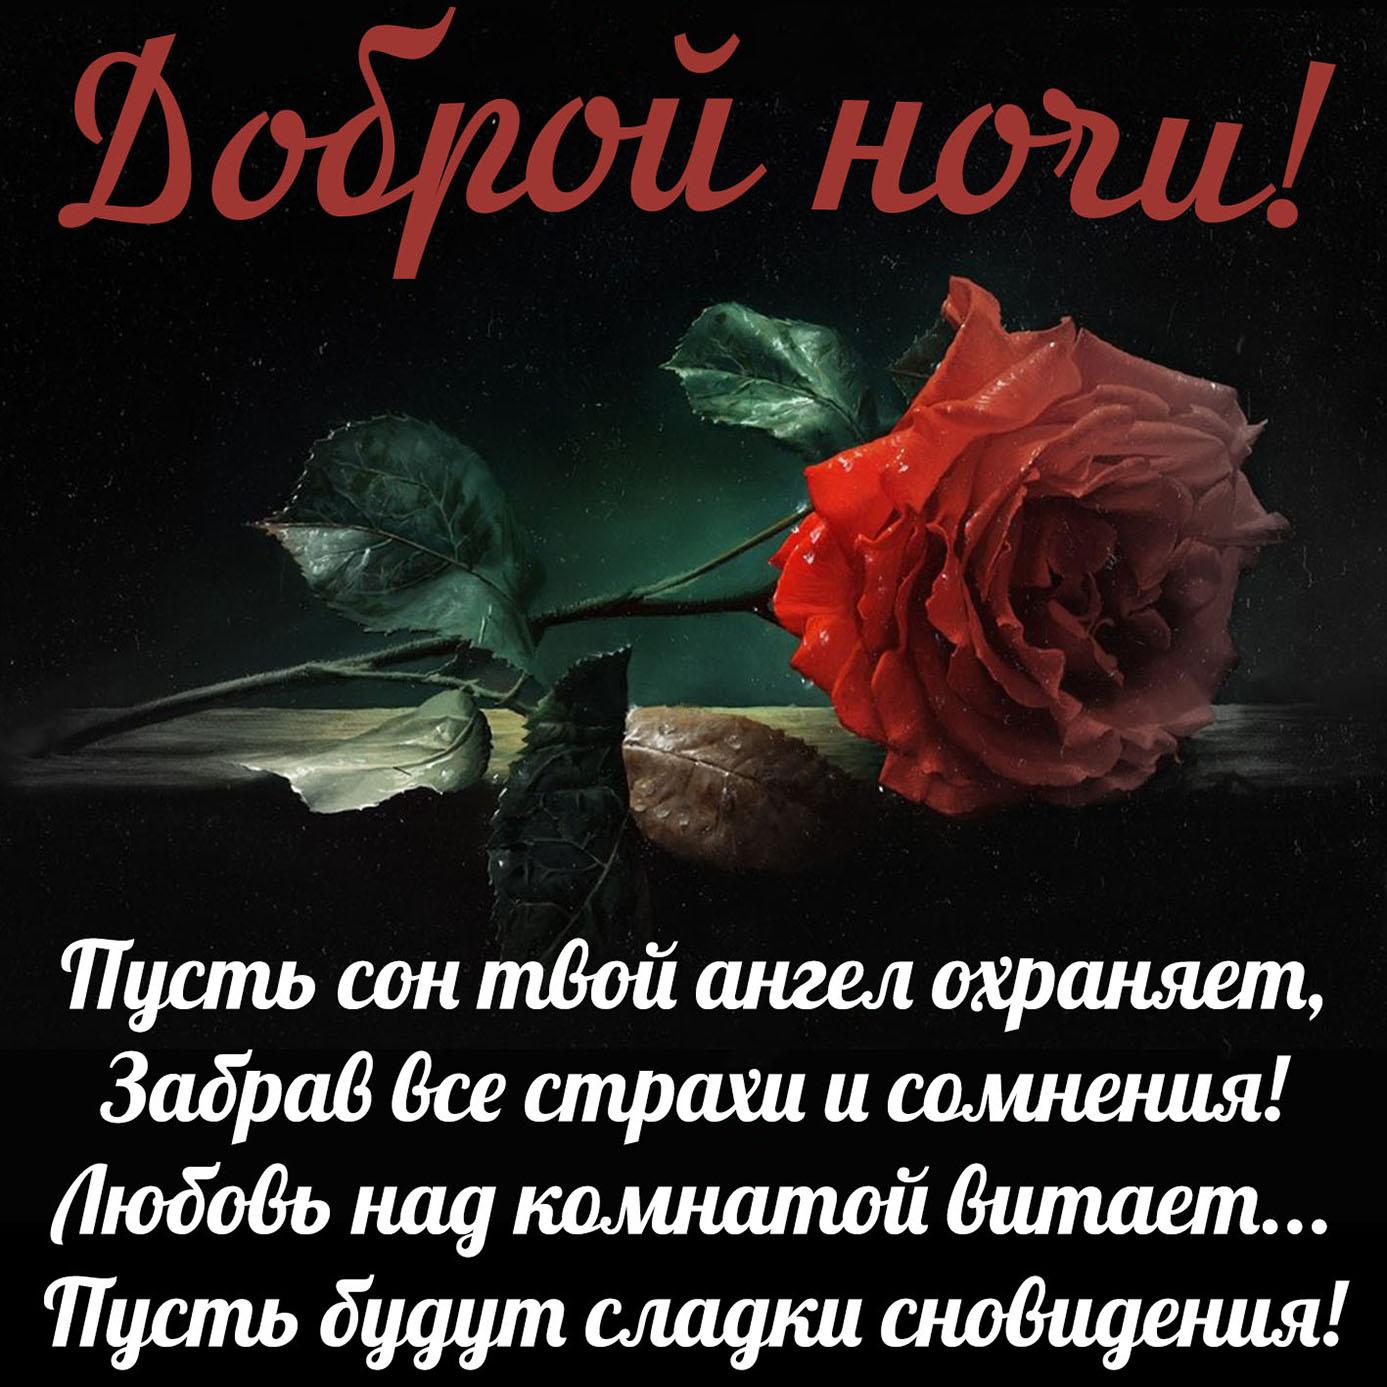 красивые открытки и фото с пожеланием доброй ночи валуев своем твиттере